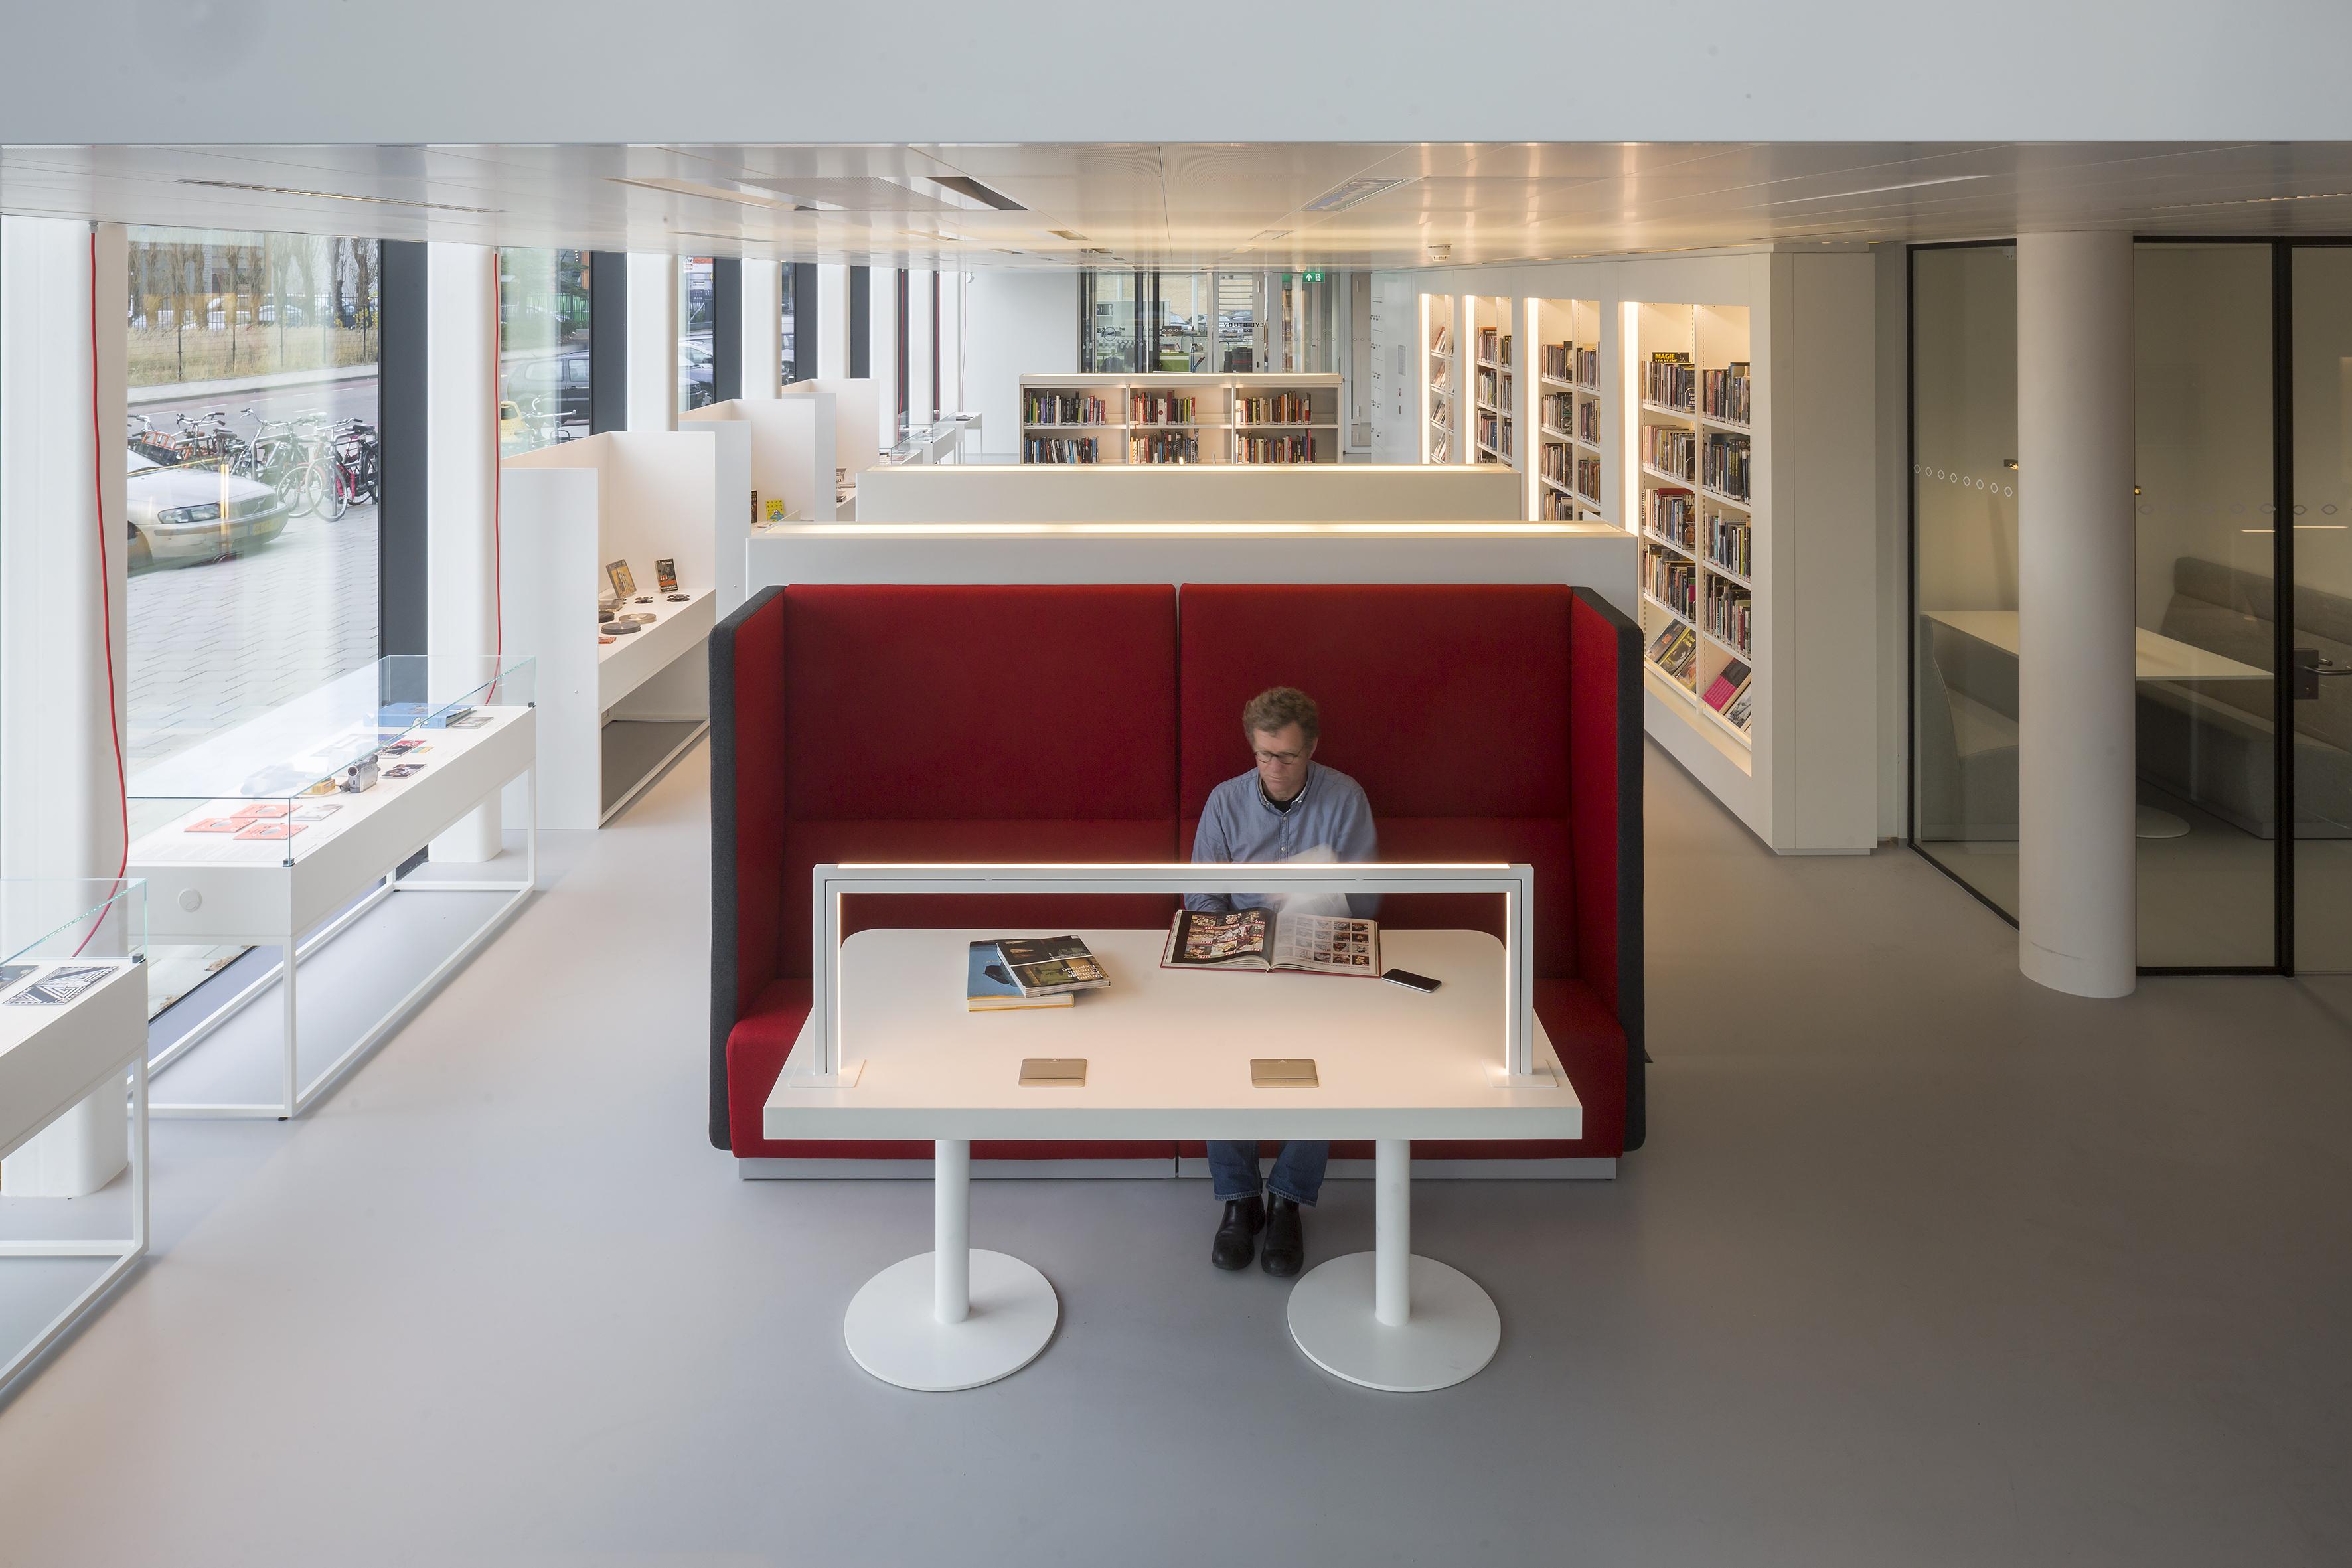 <p>Overzicht middenzone met kopieer-en scanruimte en biblotheek</p>